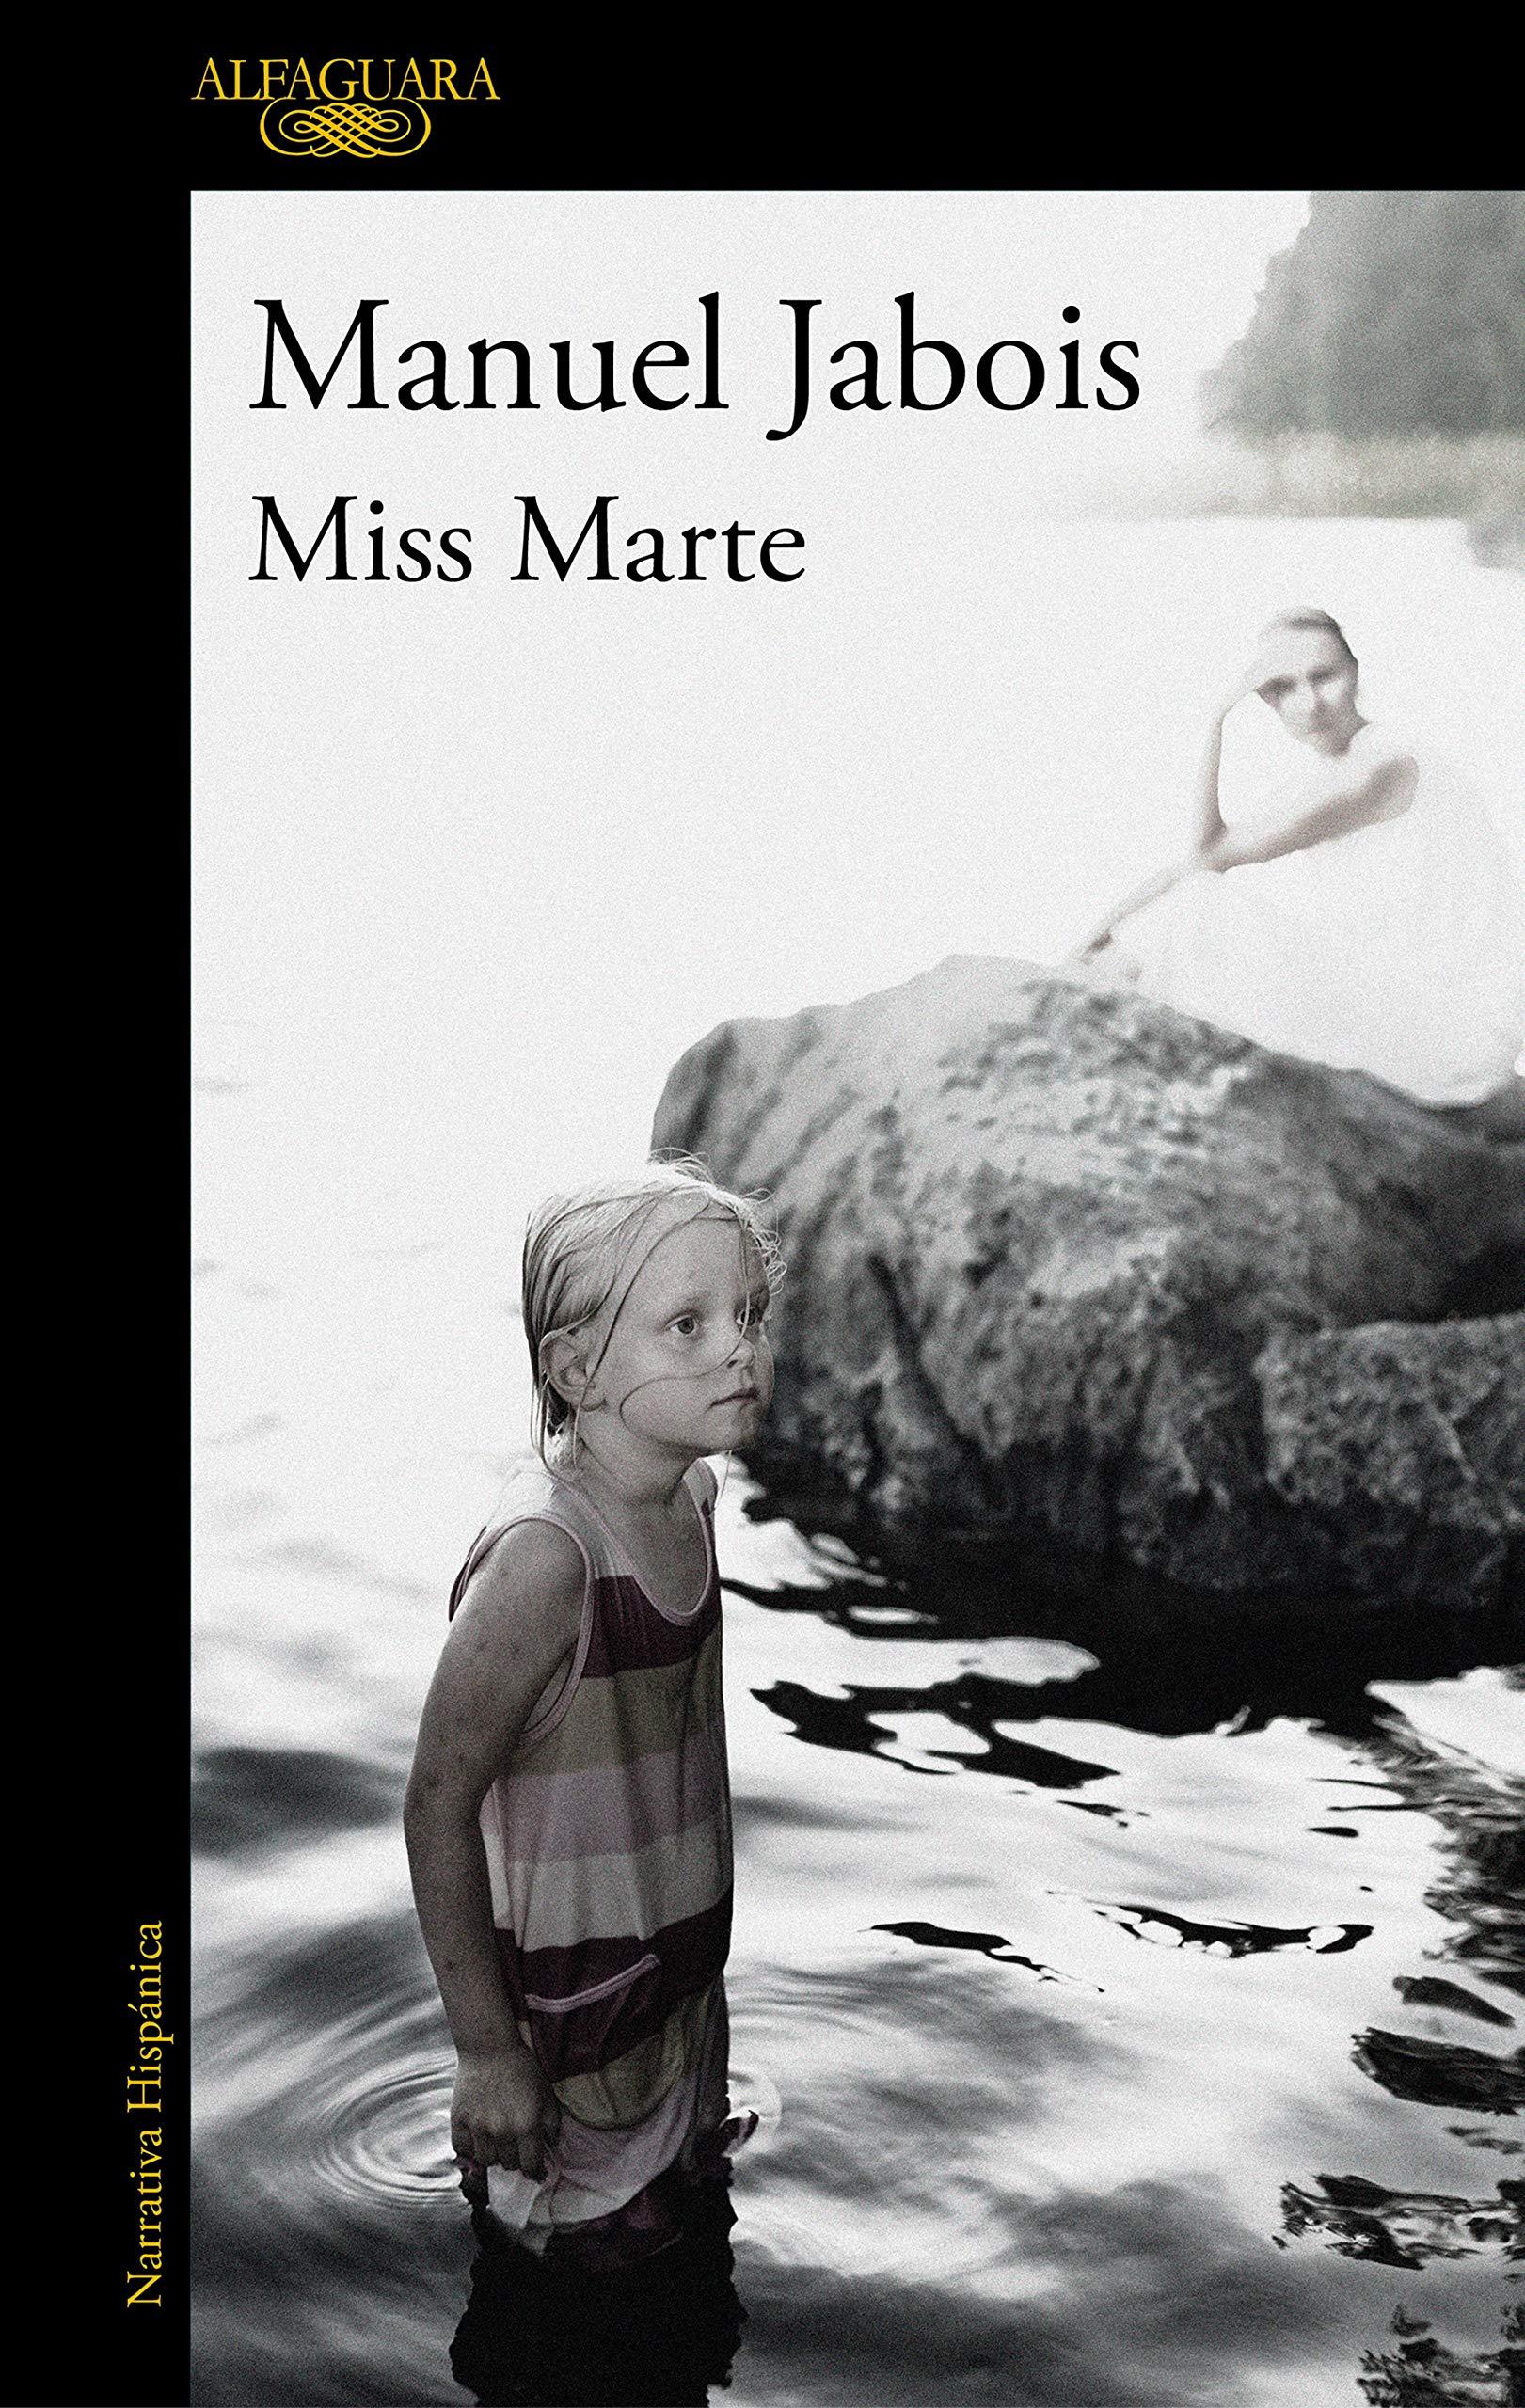 Miss Marte, libro de Manuel Jabois / Foto: Editorial Alfaguara